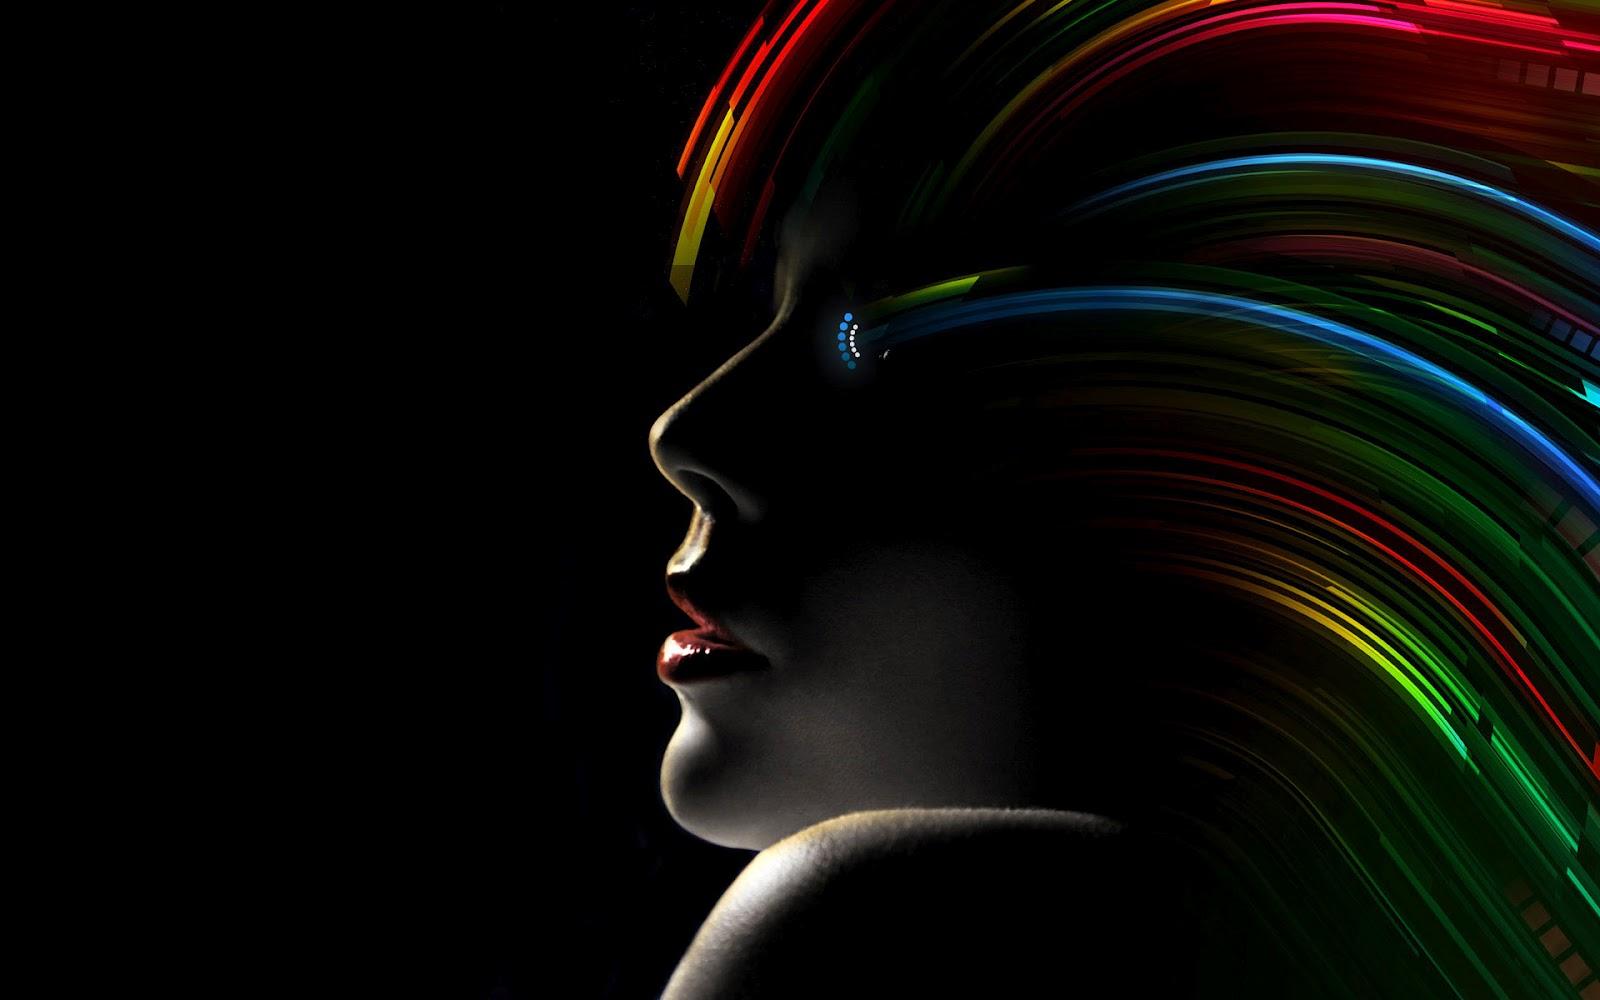 http://3.bp.blogspot.com/-iY0usN-CVy4/T-pxK8nb2VI/AAAAAAAABHE/Whx4ZxOiatU/s1600/(Abstract)+-+Wallpapers4Desktop.com+010.jpg